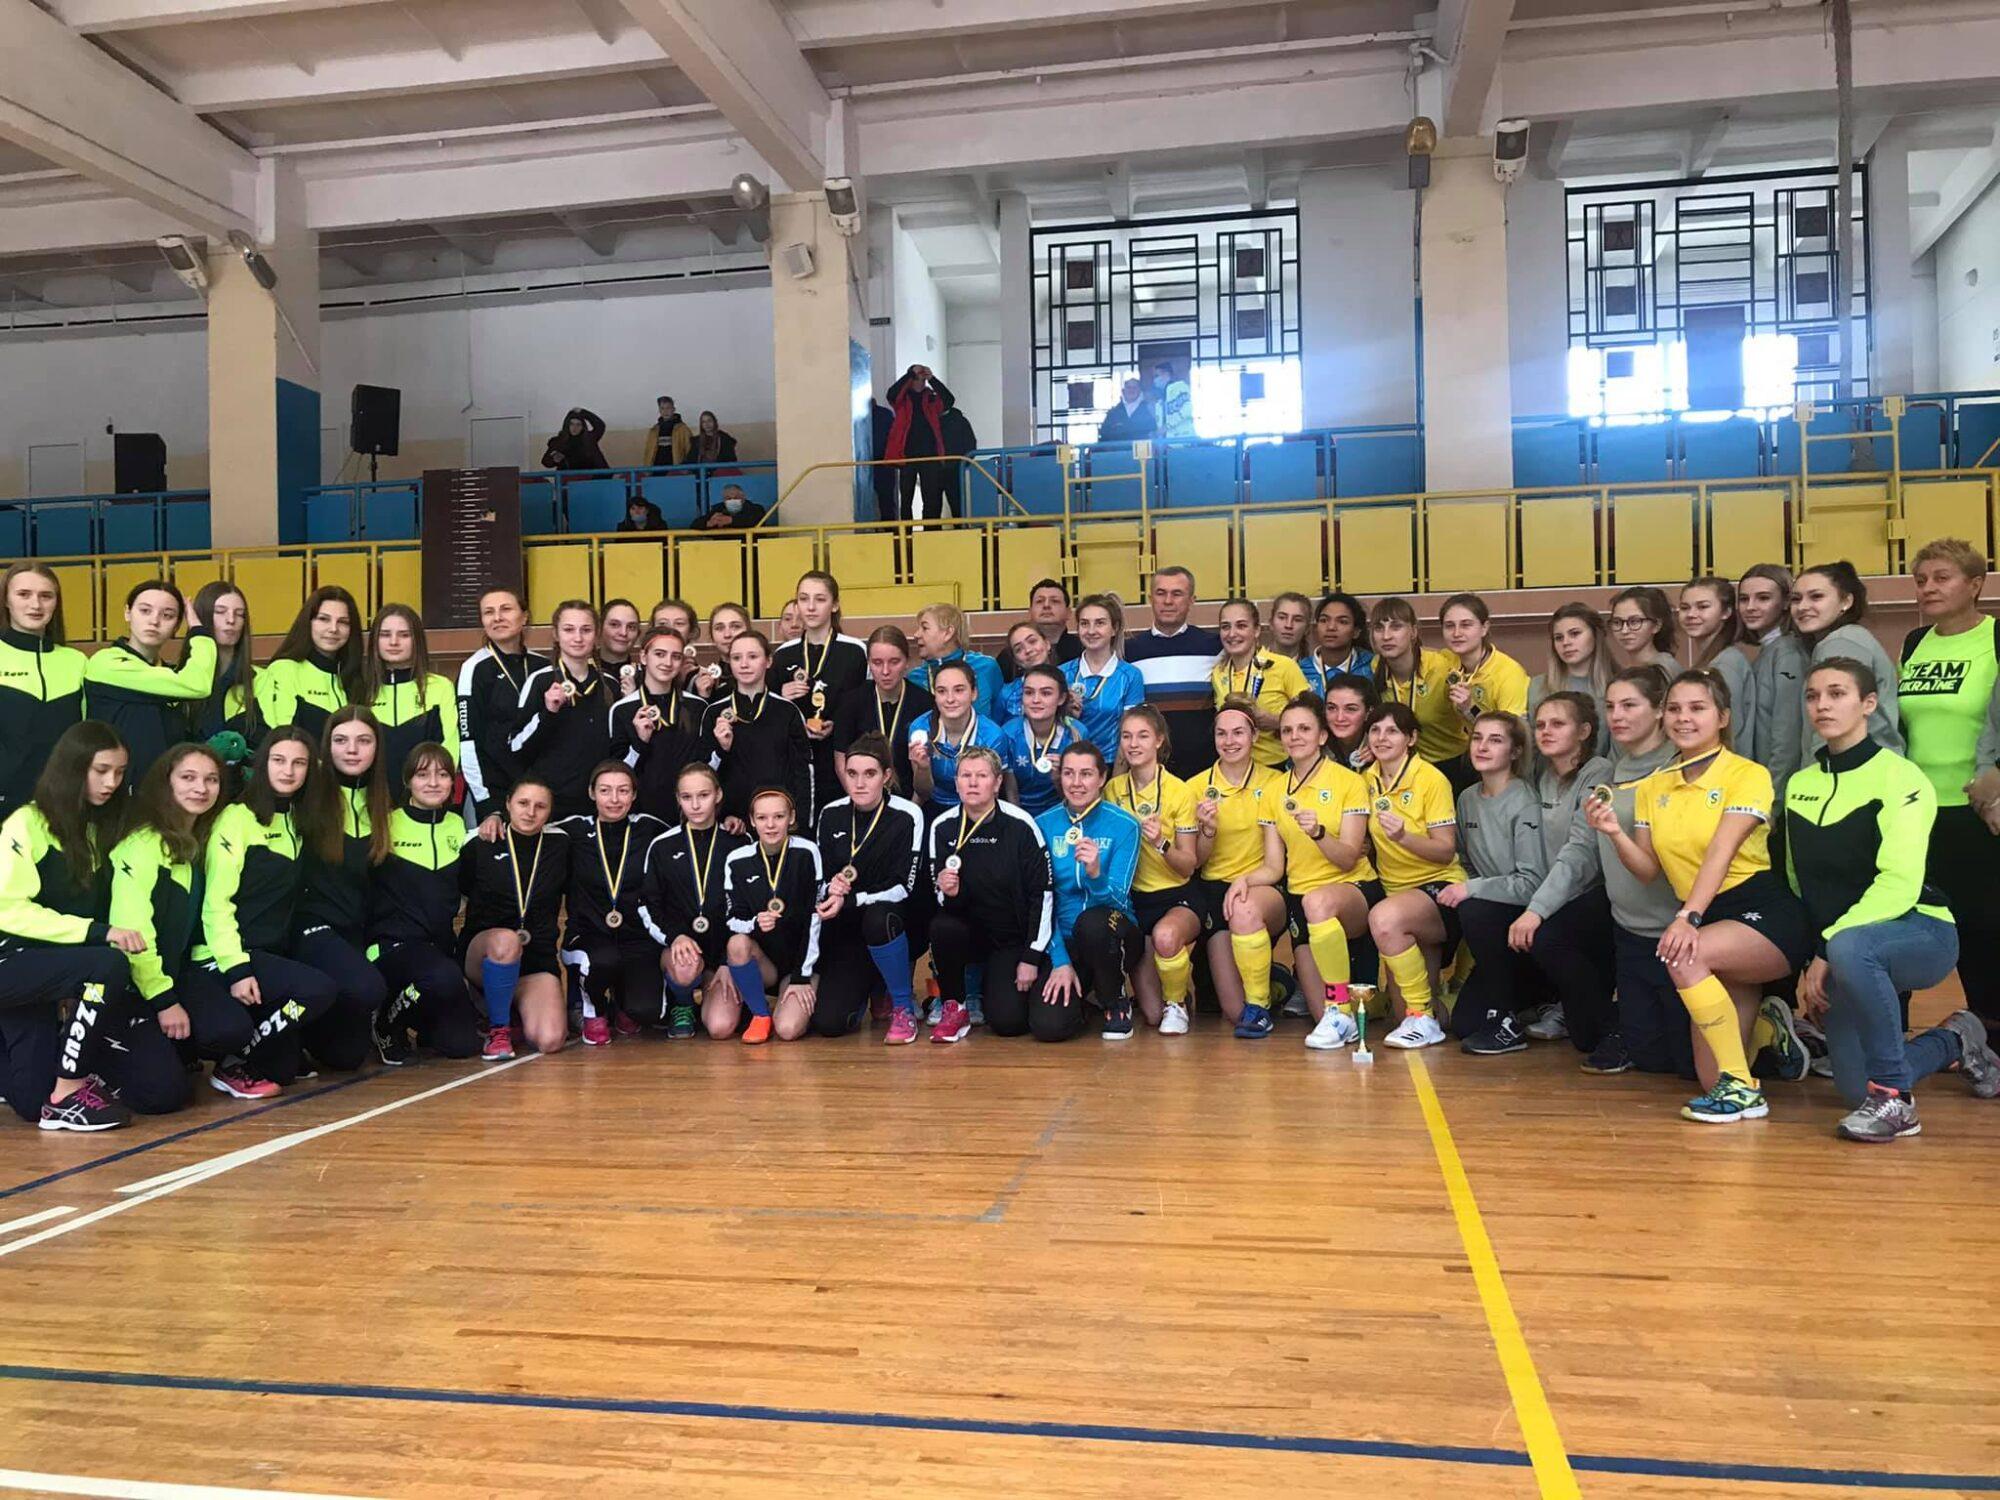 Спортсменки із Борисполя здобули бронзу на чемпіонаті України з хокею на траві - хокей - 147592283 714543865903998 1301398200270269260 o 2000x1500